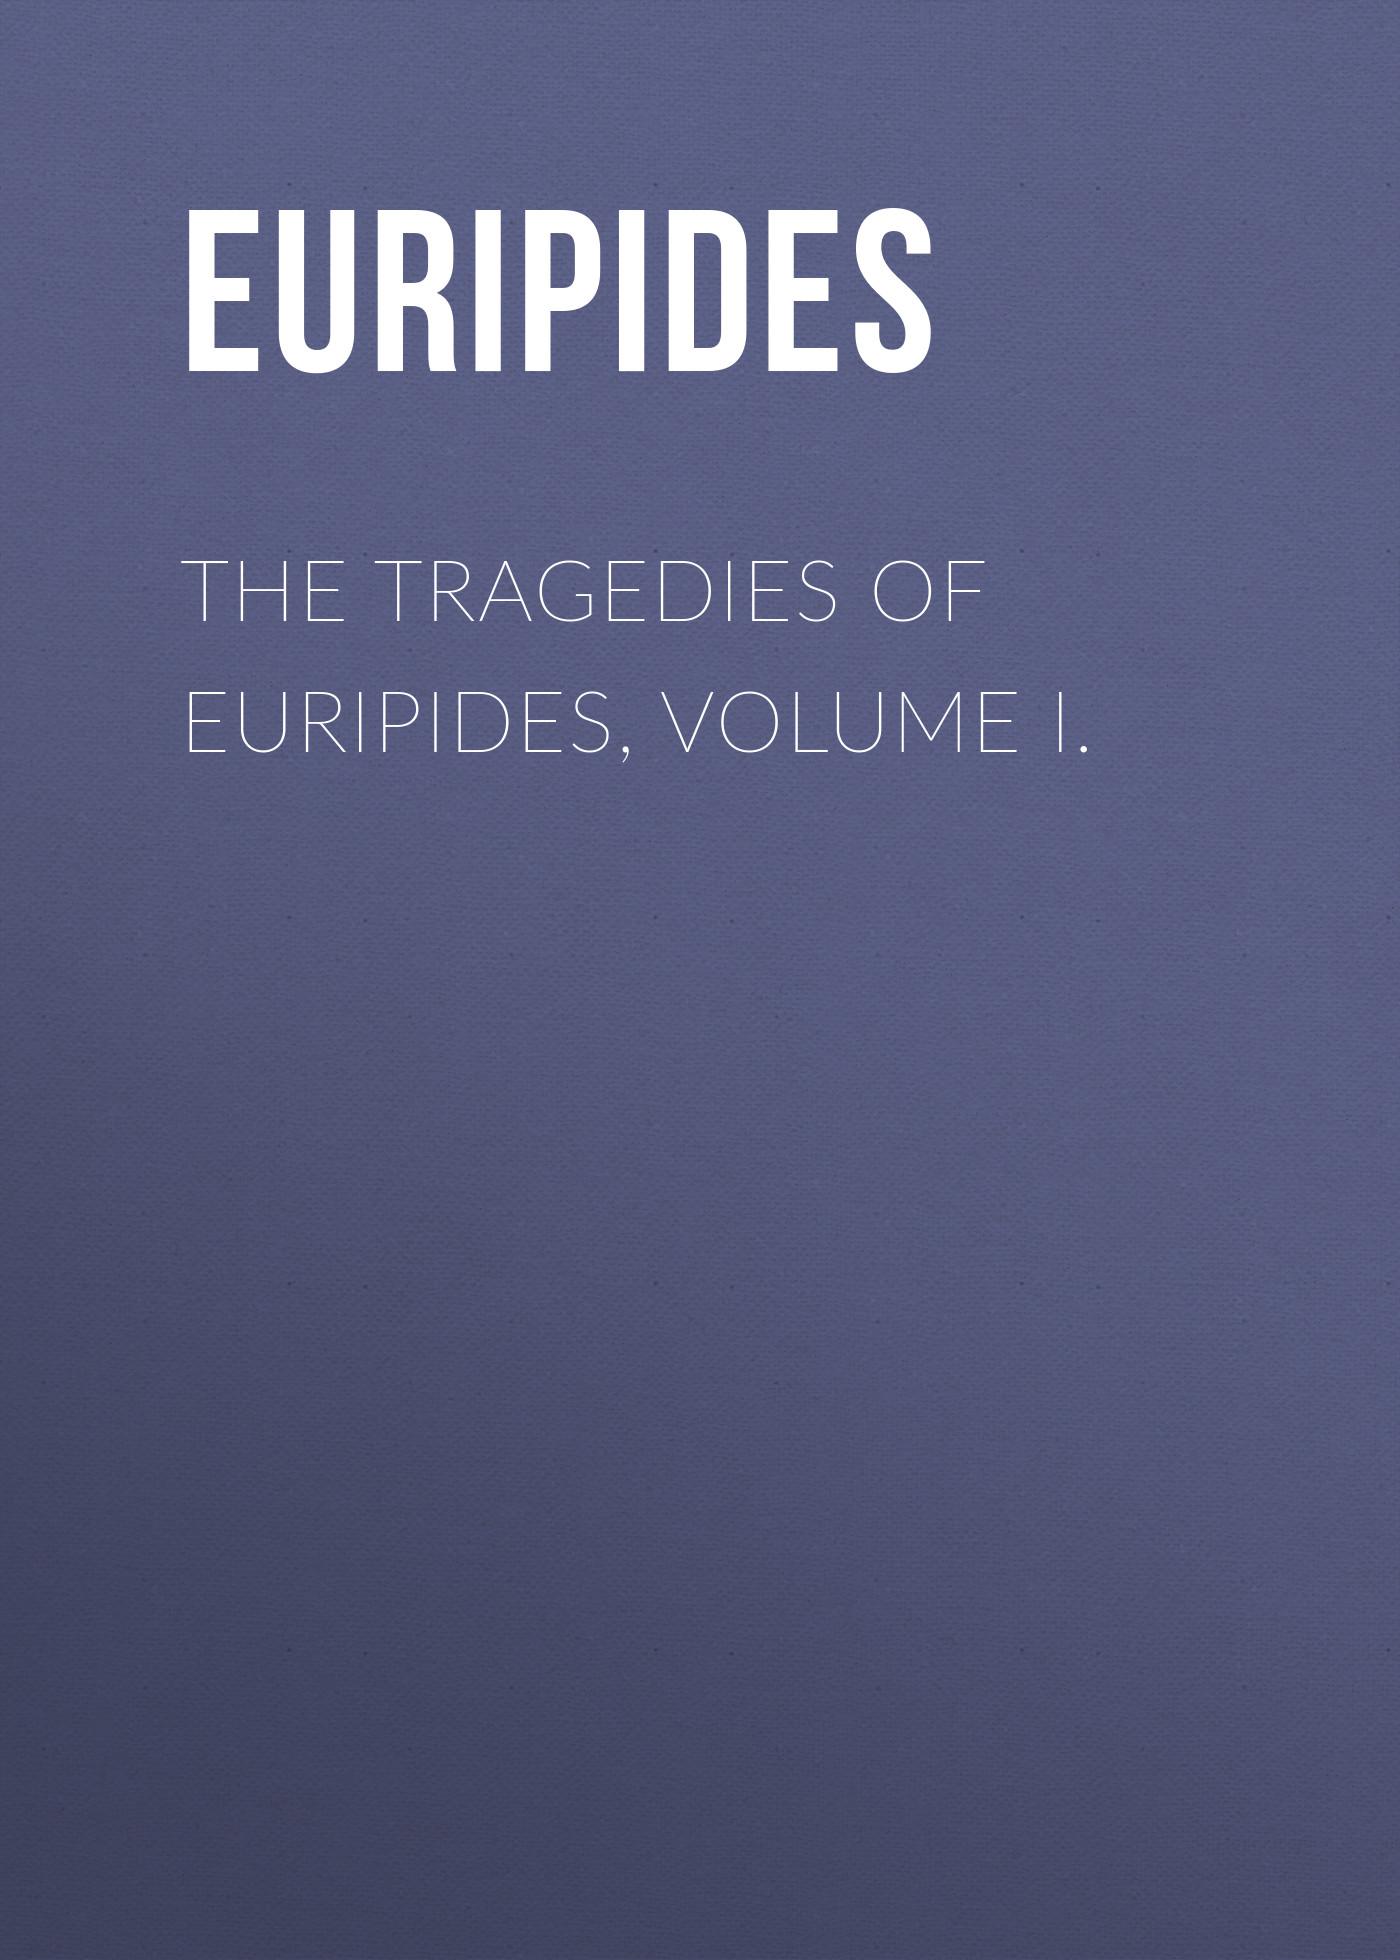 Euripides The Tragedies of Euripides, Volume I. gottfried kinkel euripides ausgewahlte tragodien des euripides fur den schulgebrauch